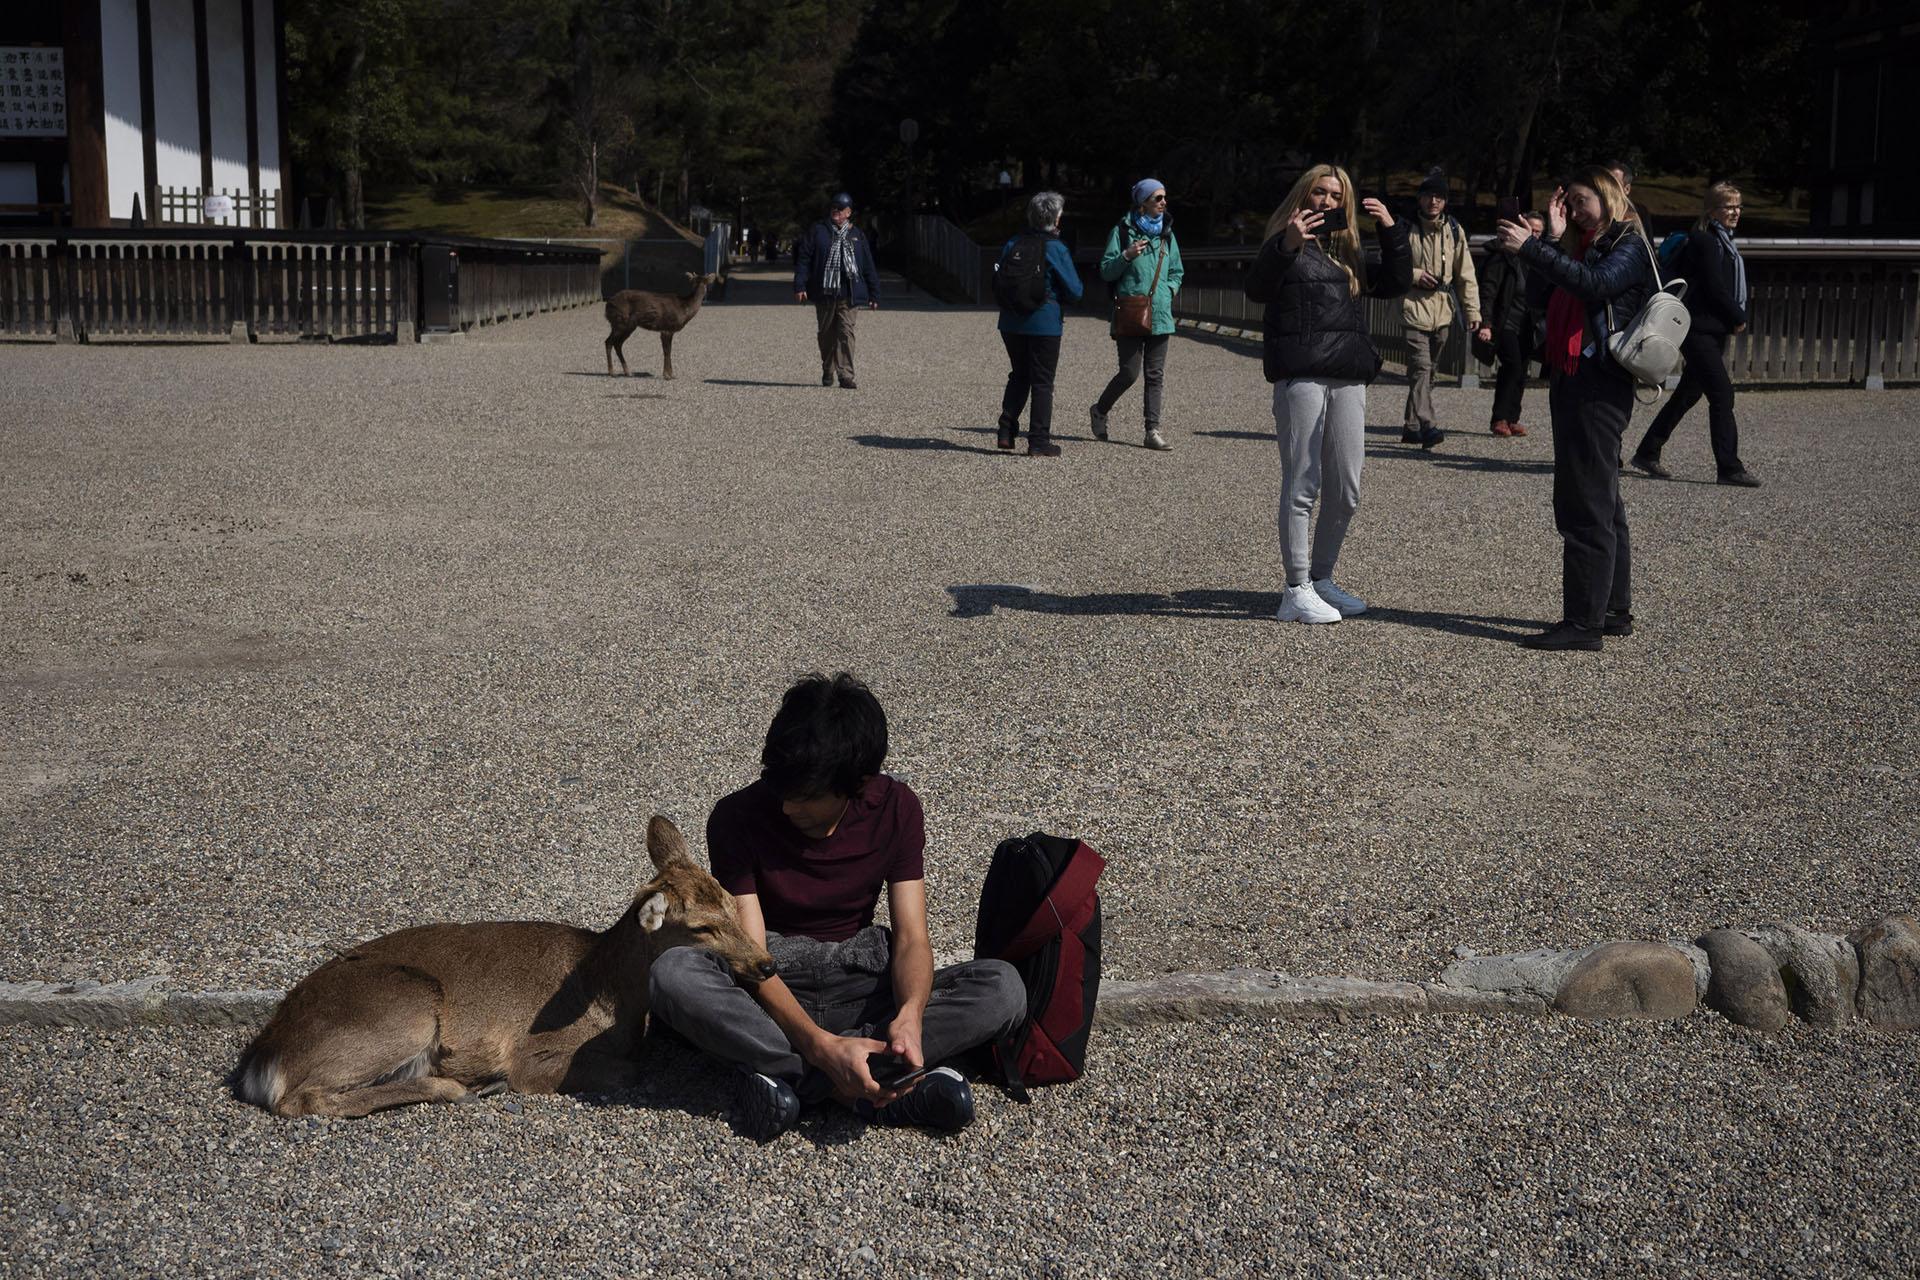 Un ciervo es abrazado por un turista en el templo Kofukuji en Nara, Japón (Foto AP / Jae C. Hong)